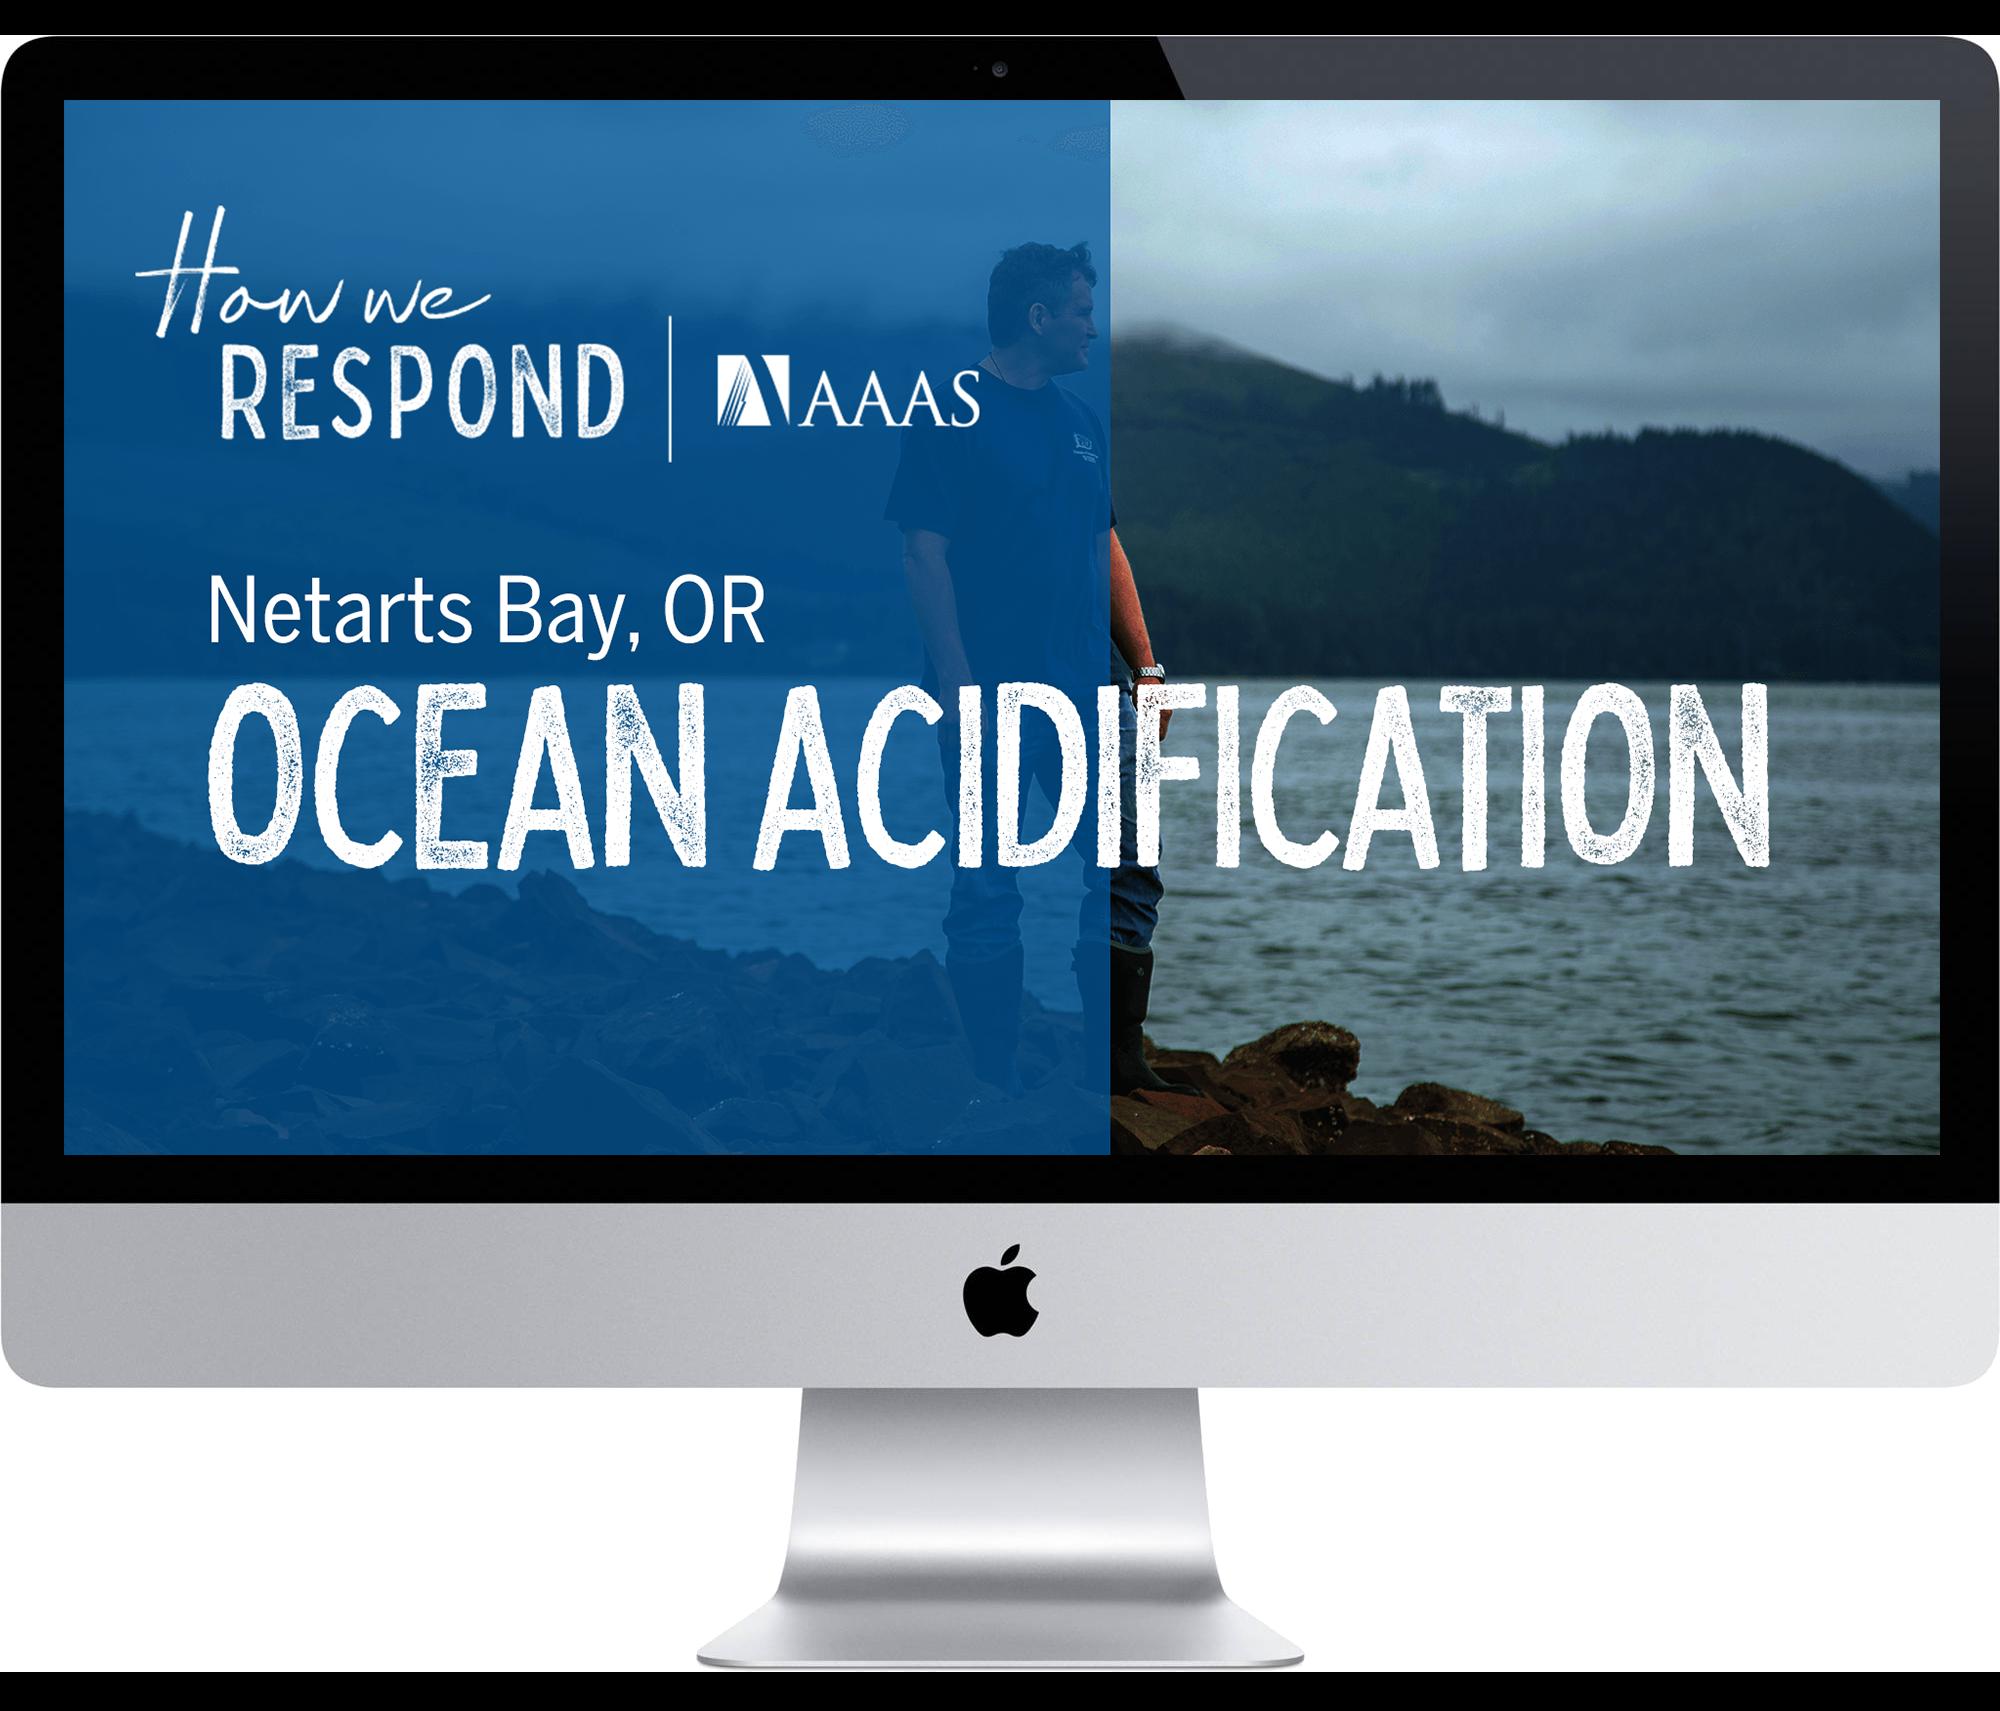 Netarts Bay, OR - Acidification